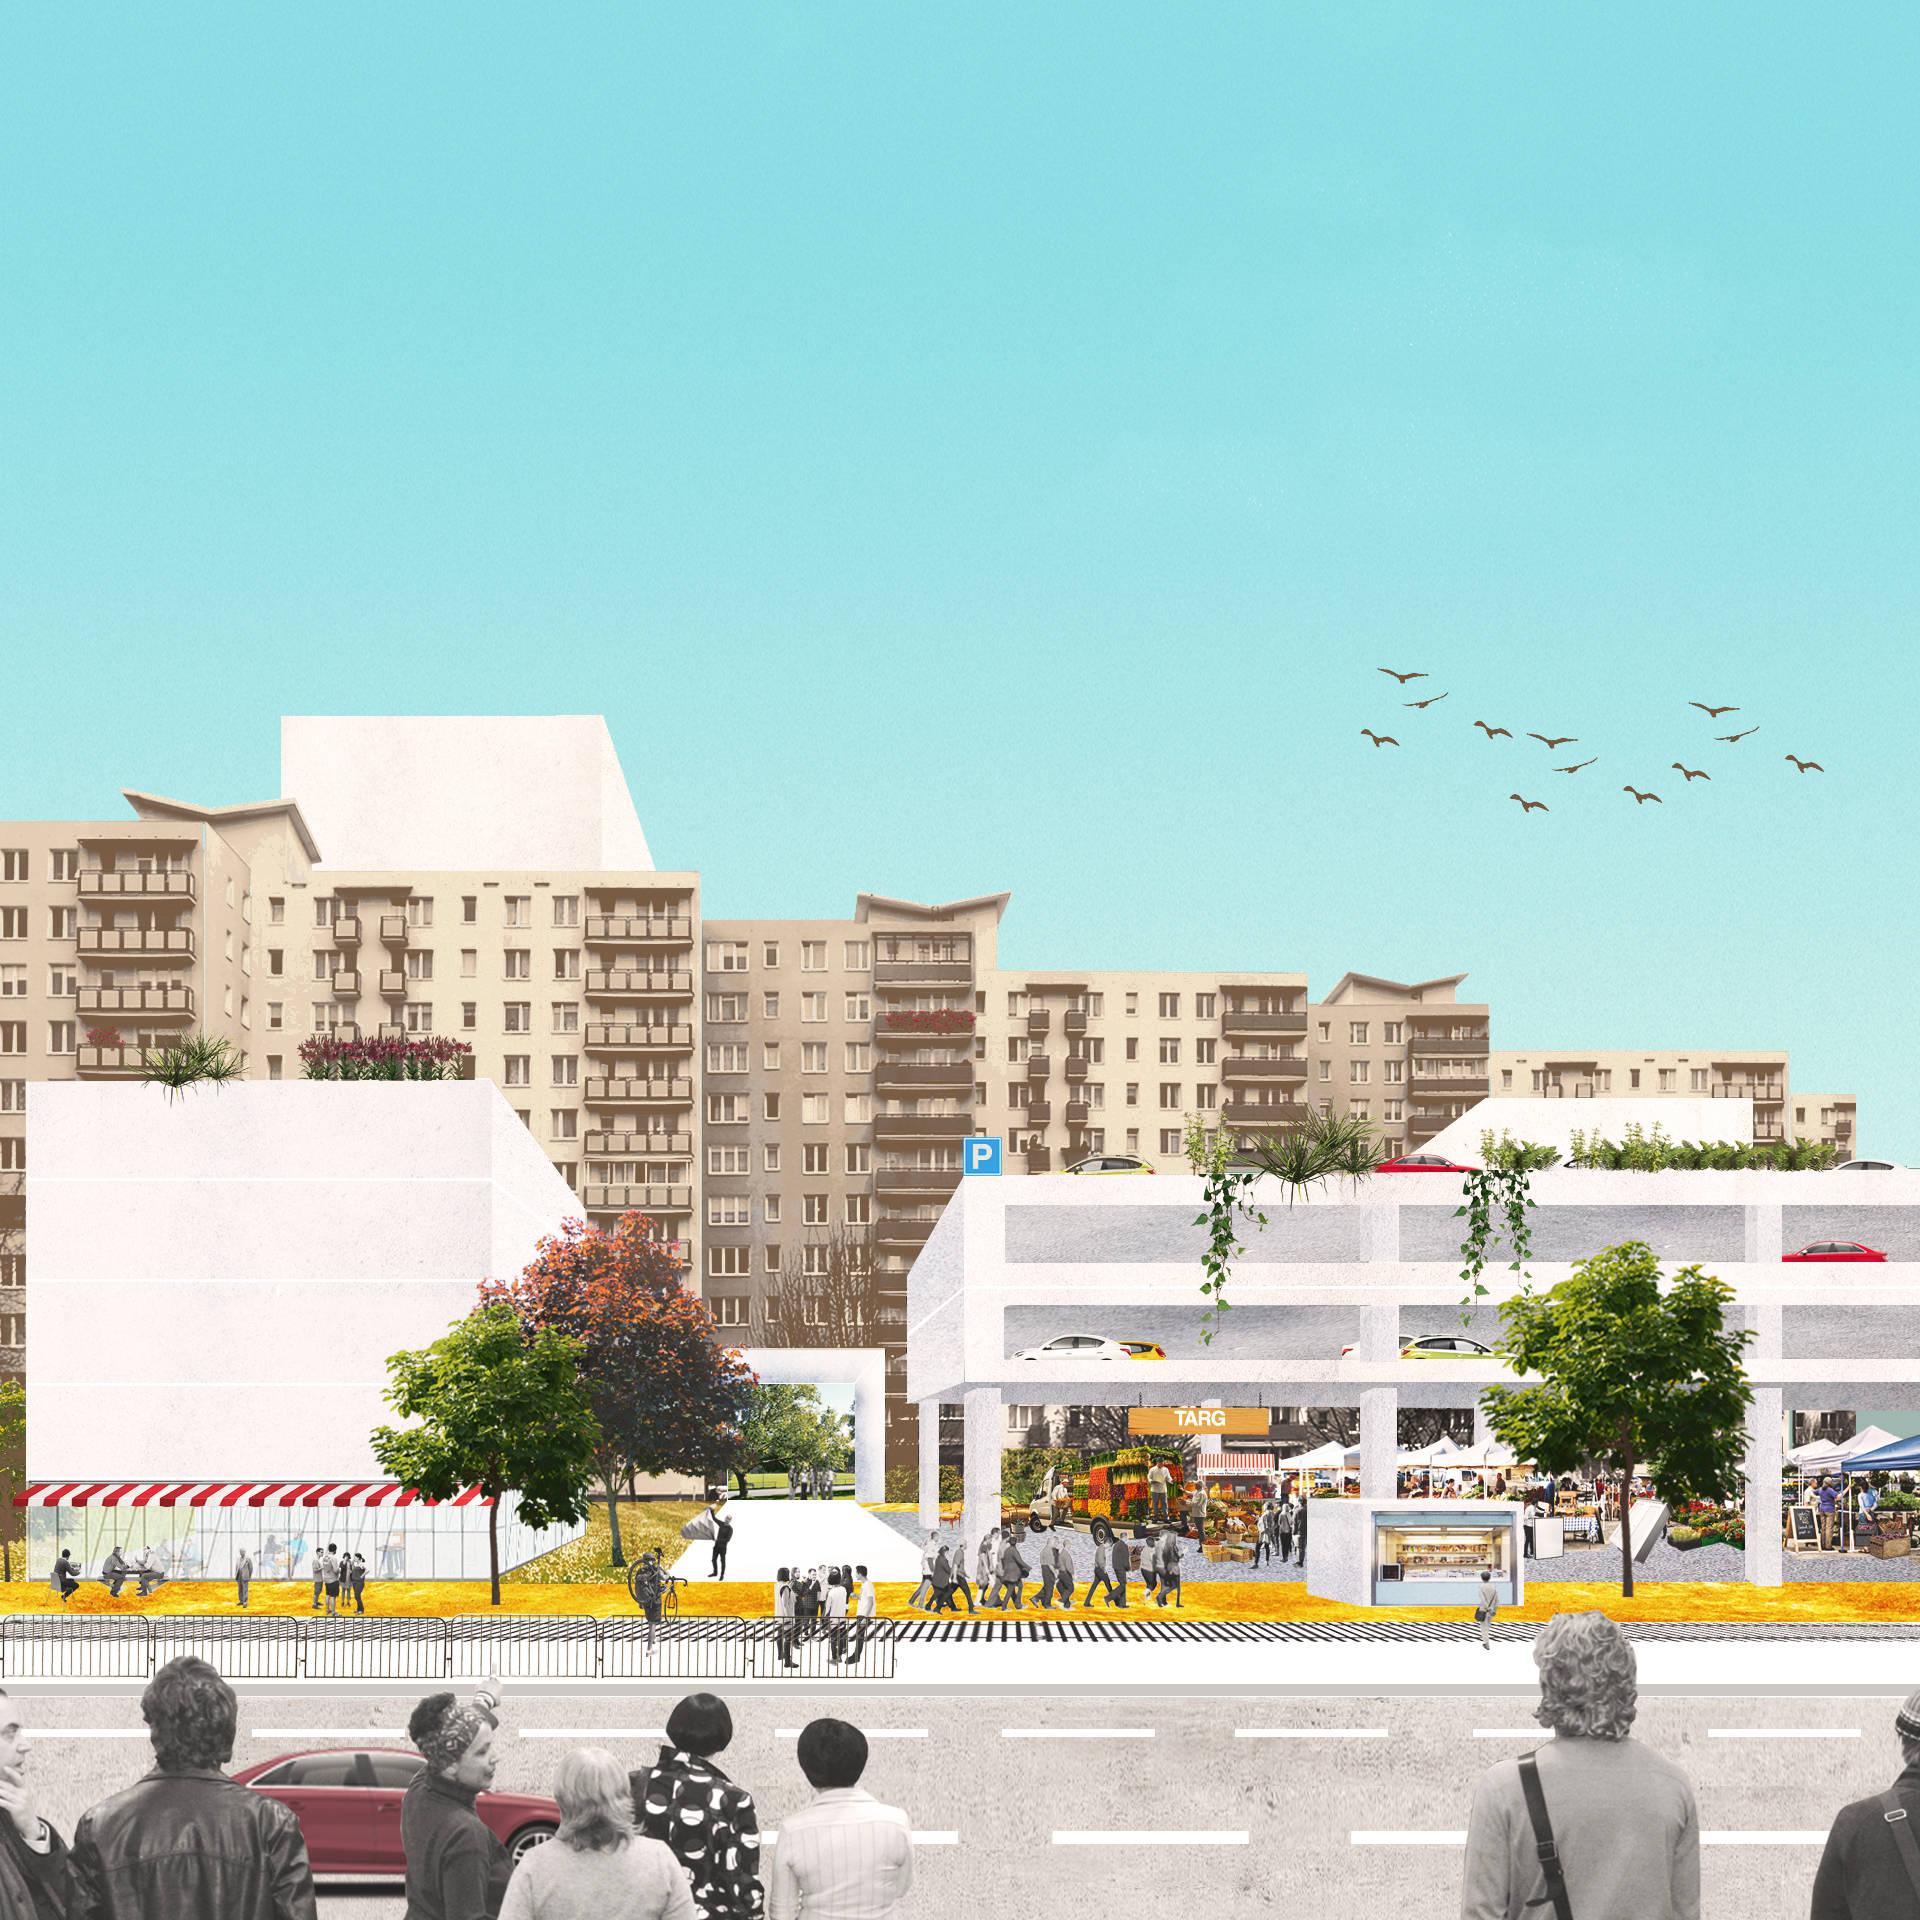 04_Następna Stacja Miasto wizualizacja Pekin